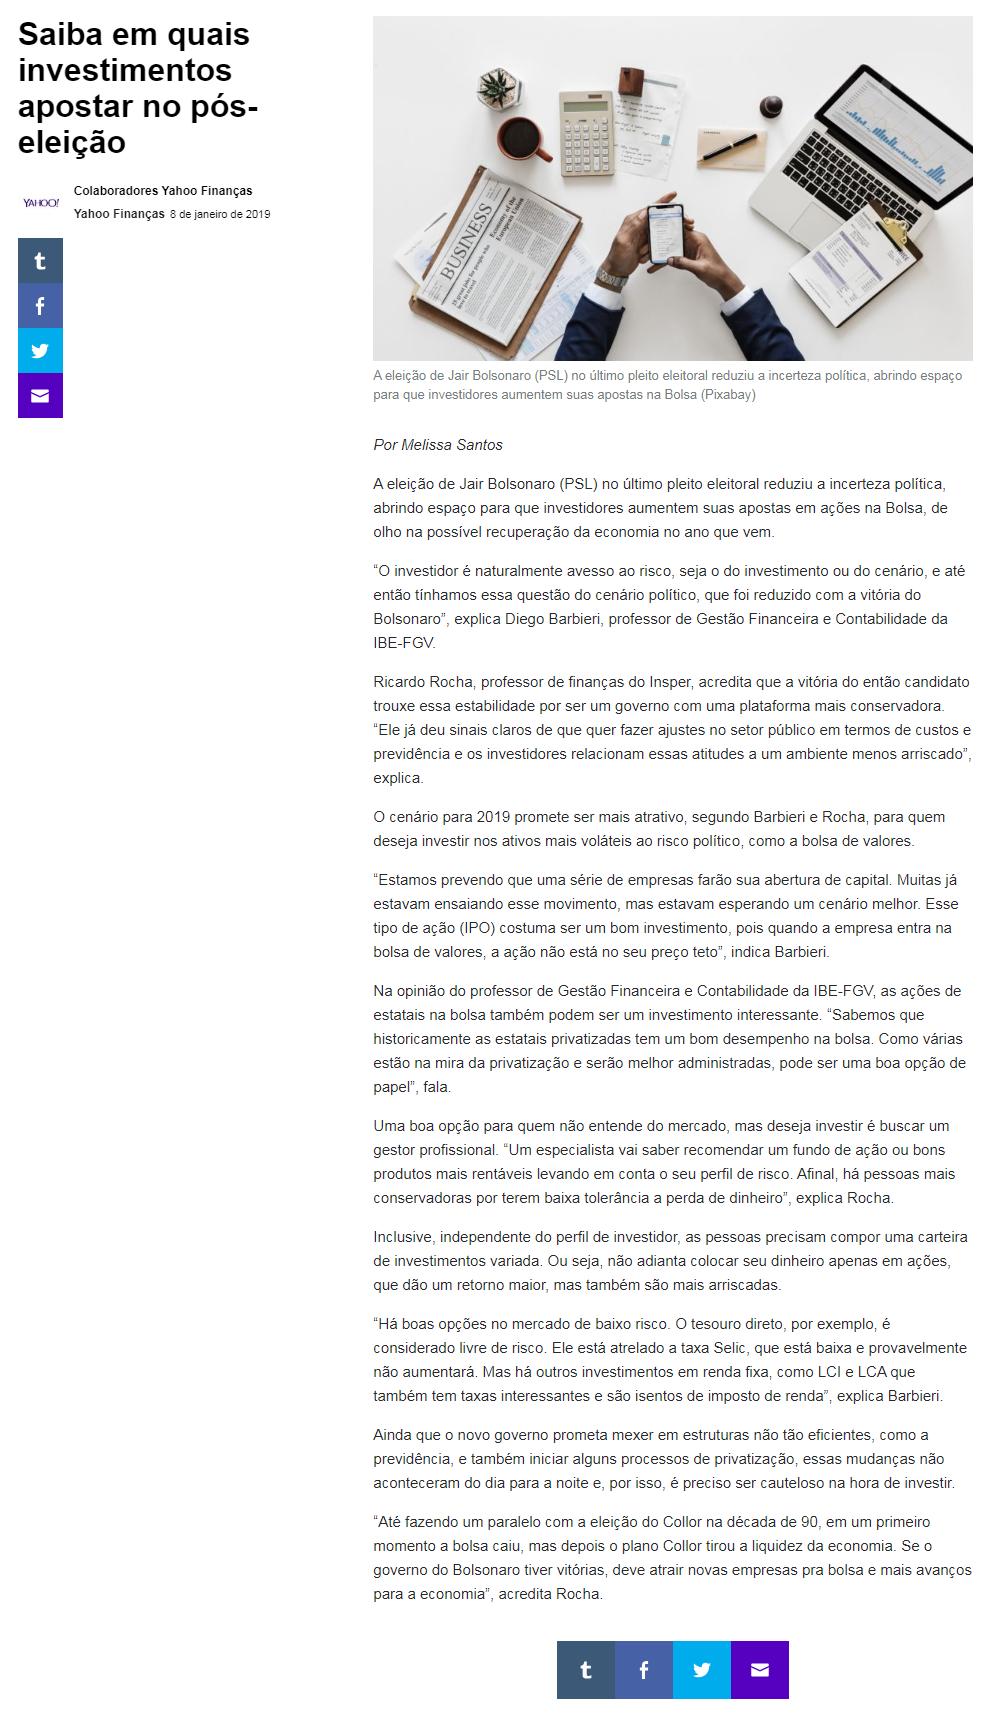 screenshot-br.financas.yahoo.com-2019.01.09-09-26-52 - IBE ... 9c7e1851acdc7